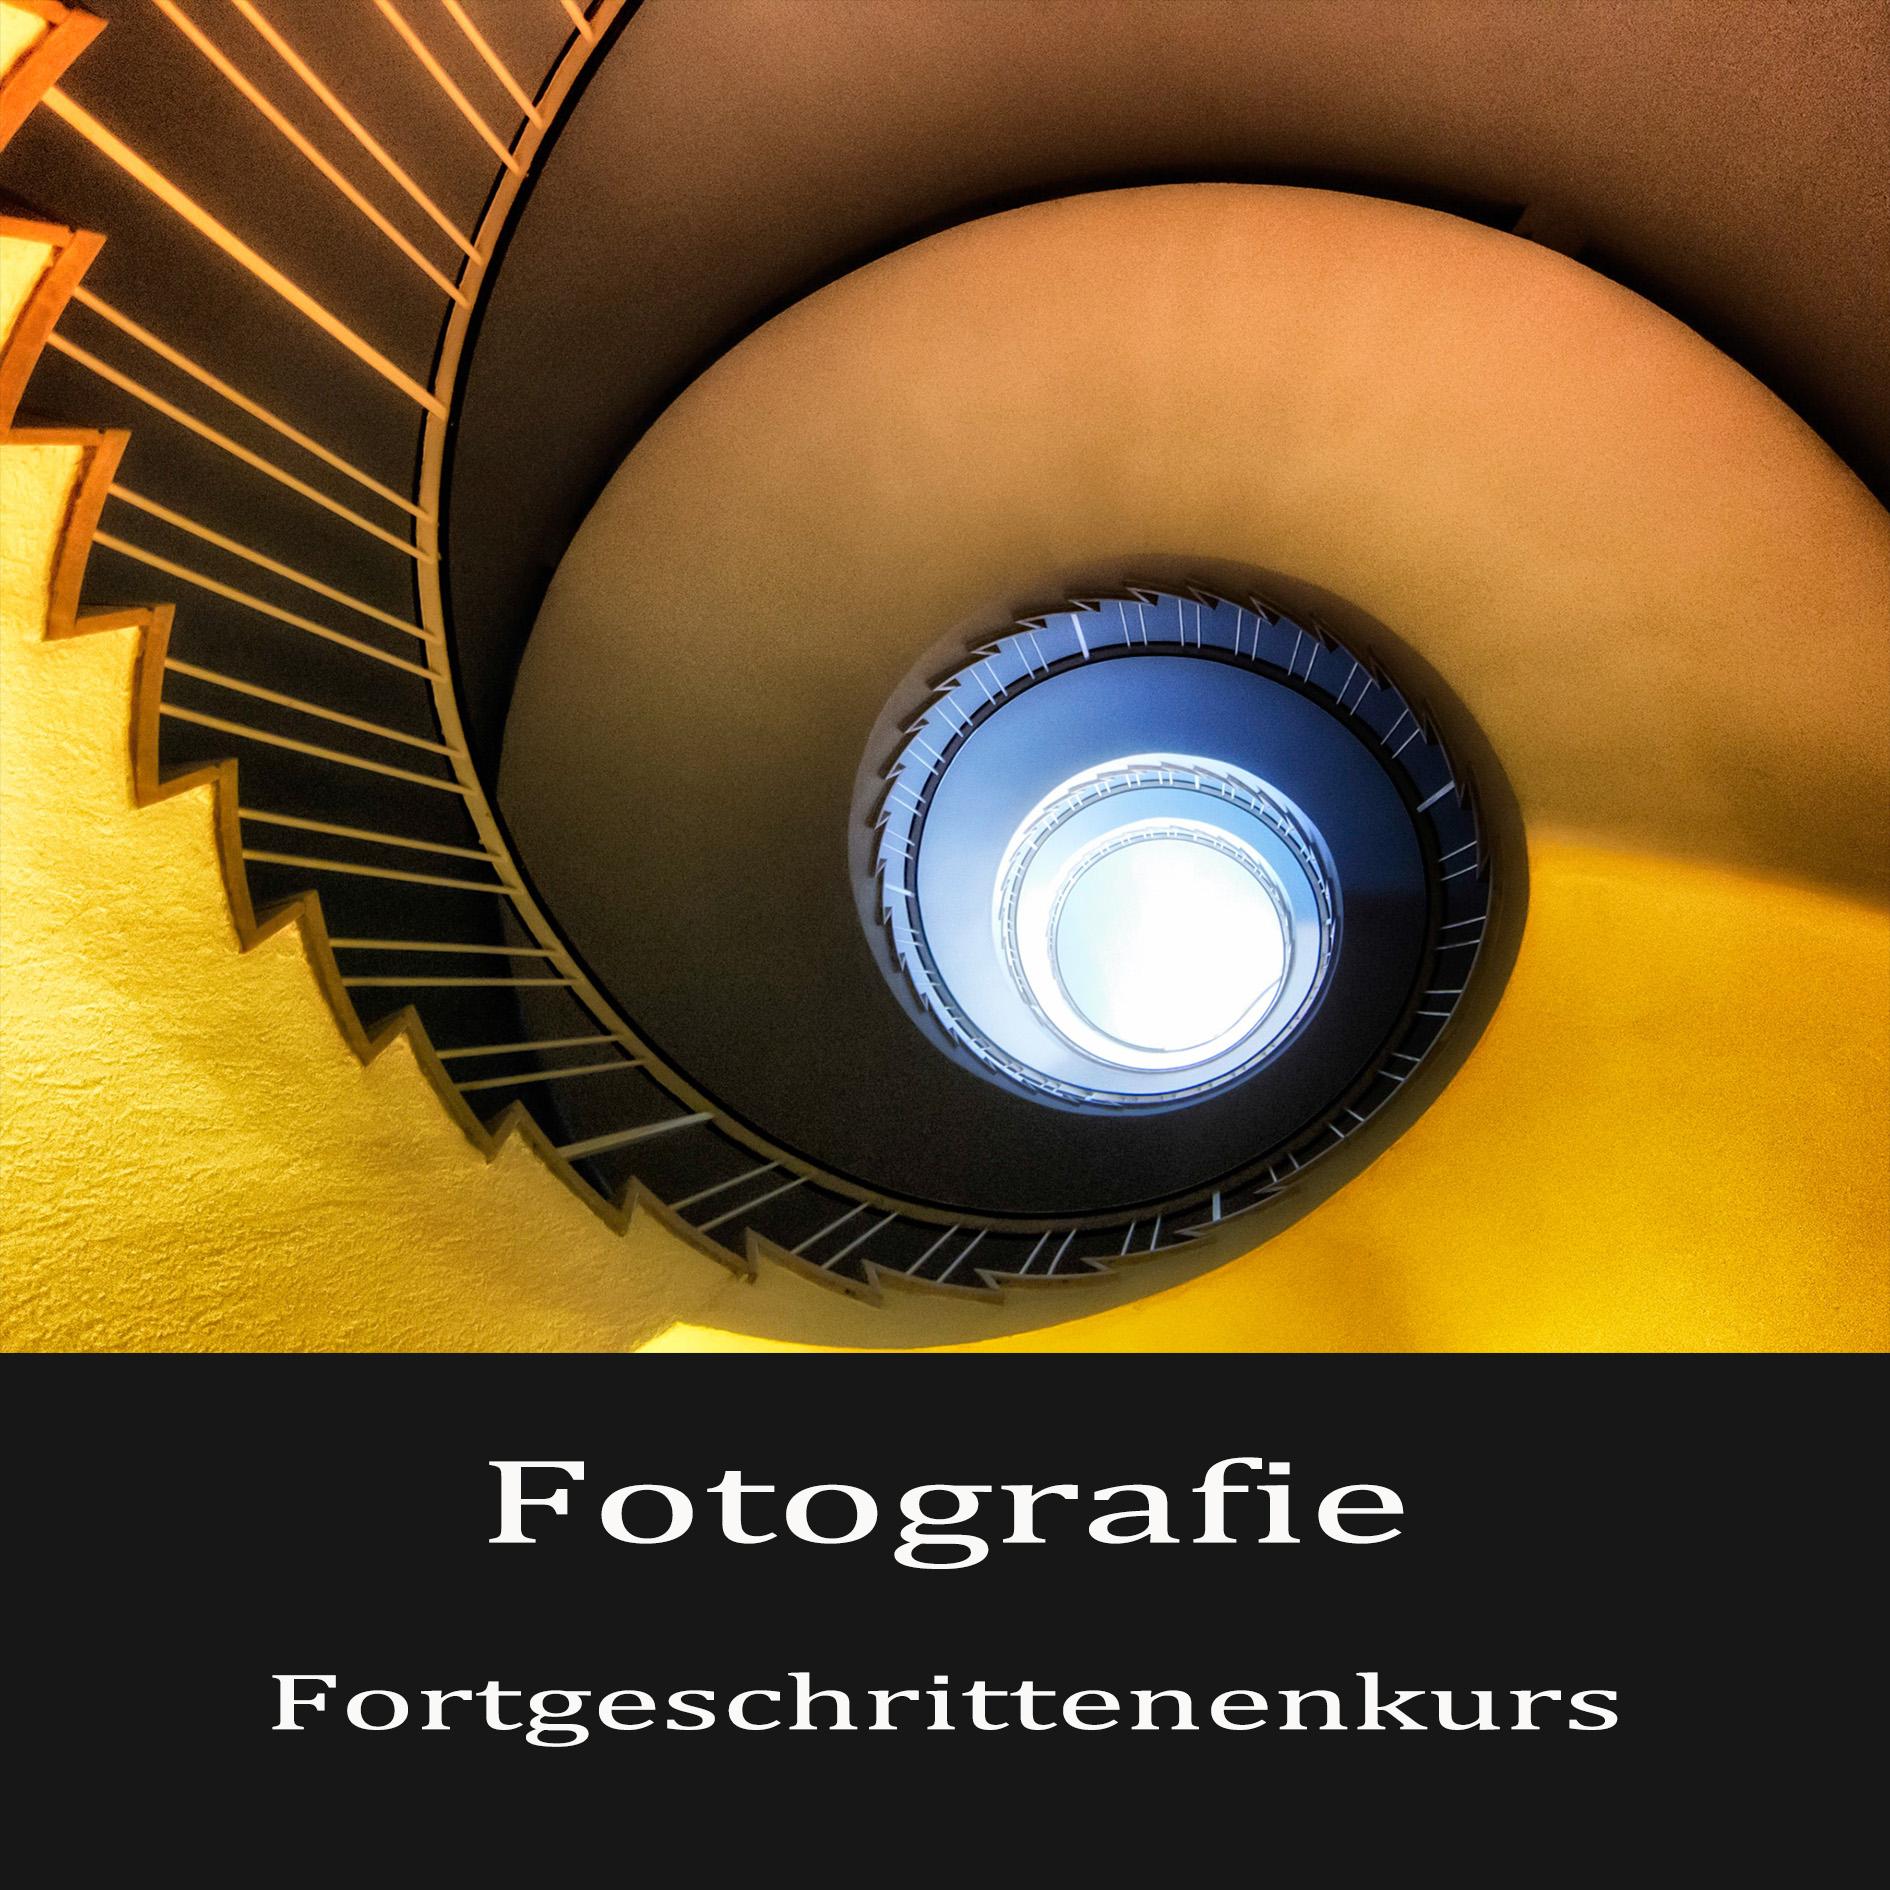 CaSch Photography